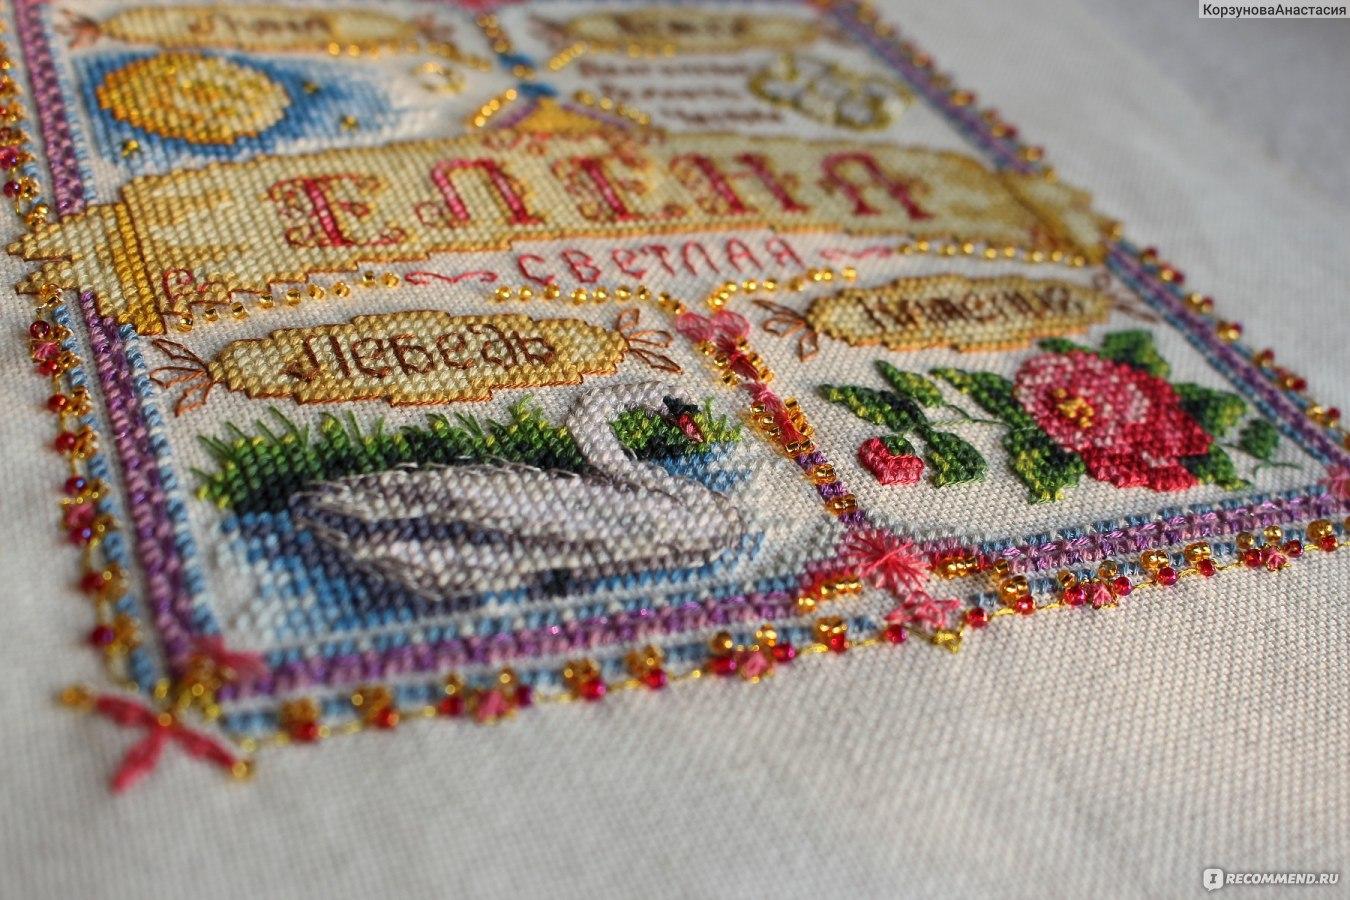 Купить наборы для вышивания именные иконы - Бусинка